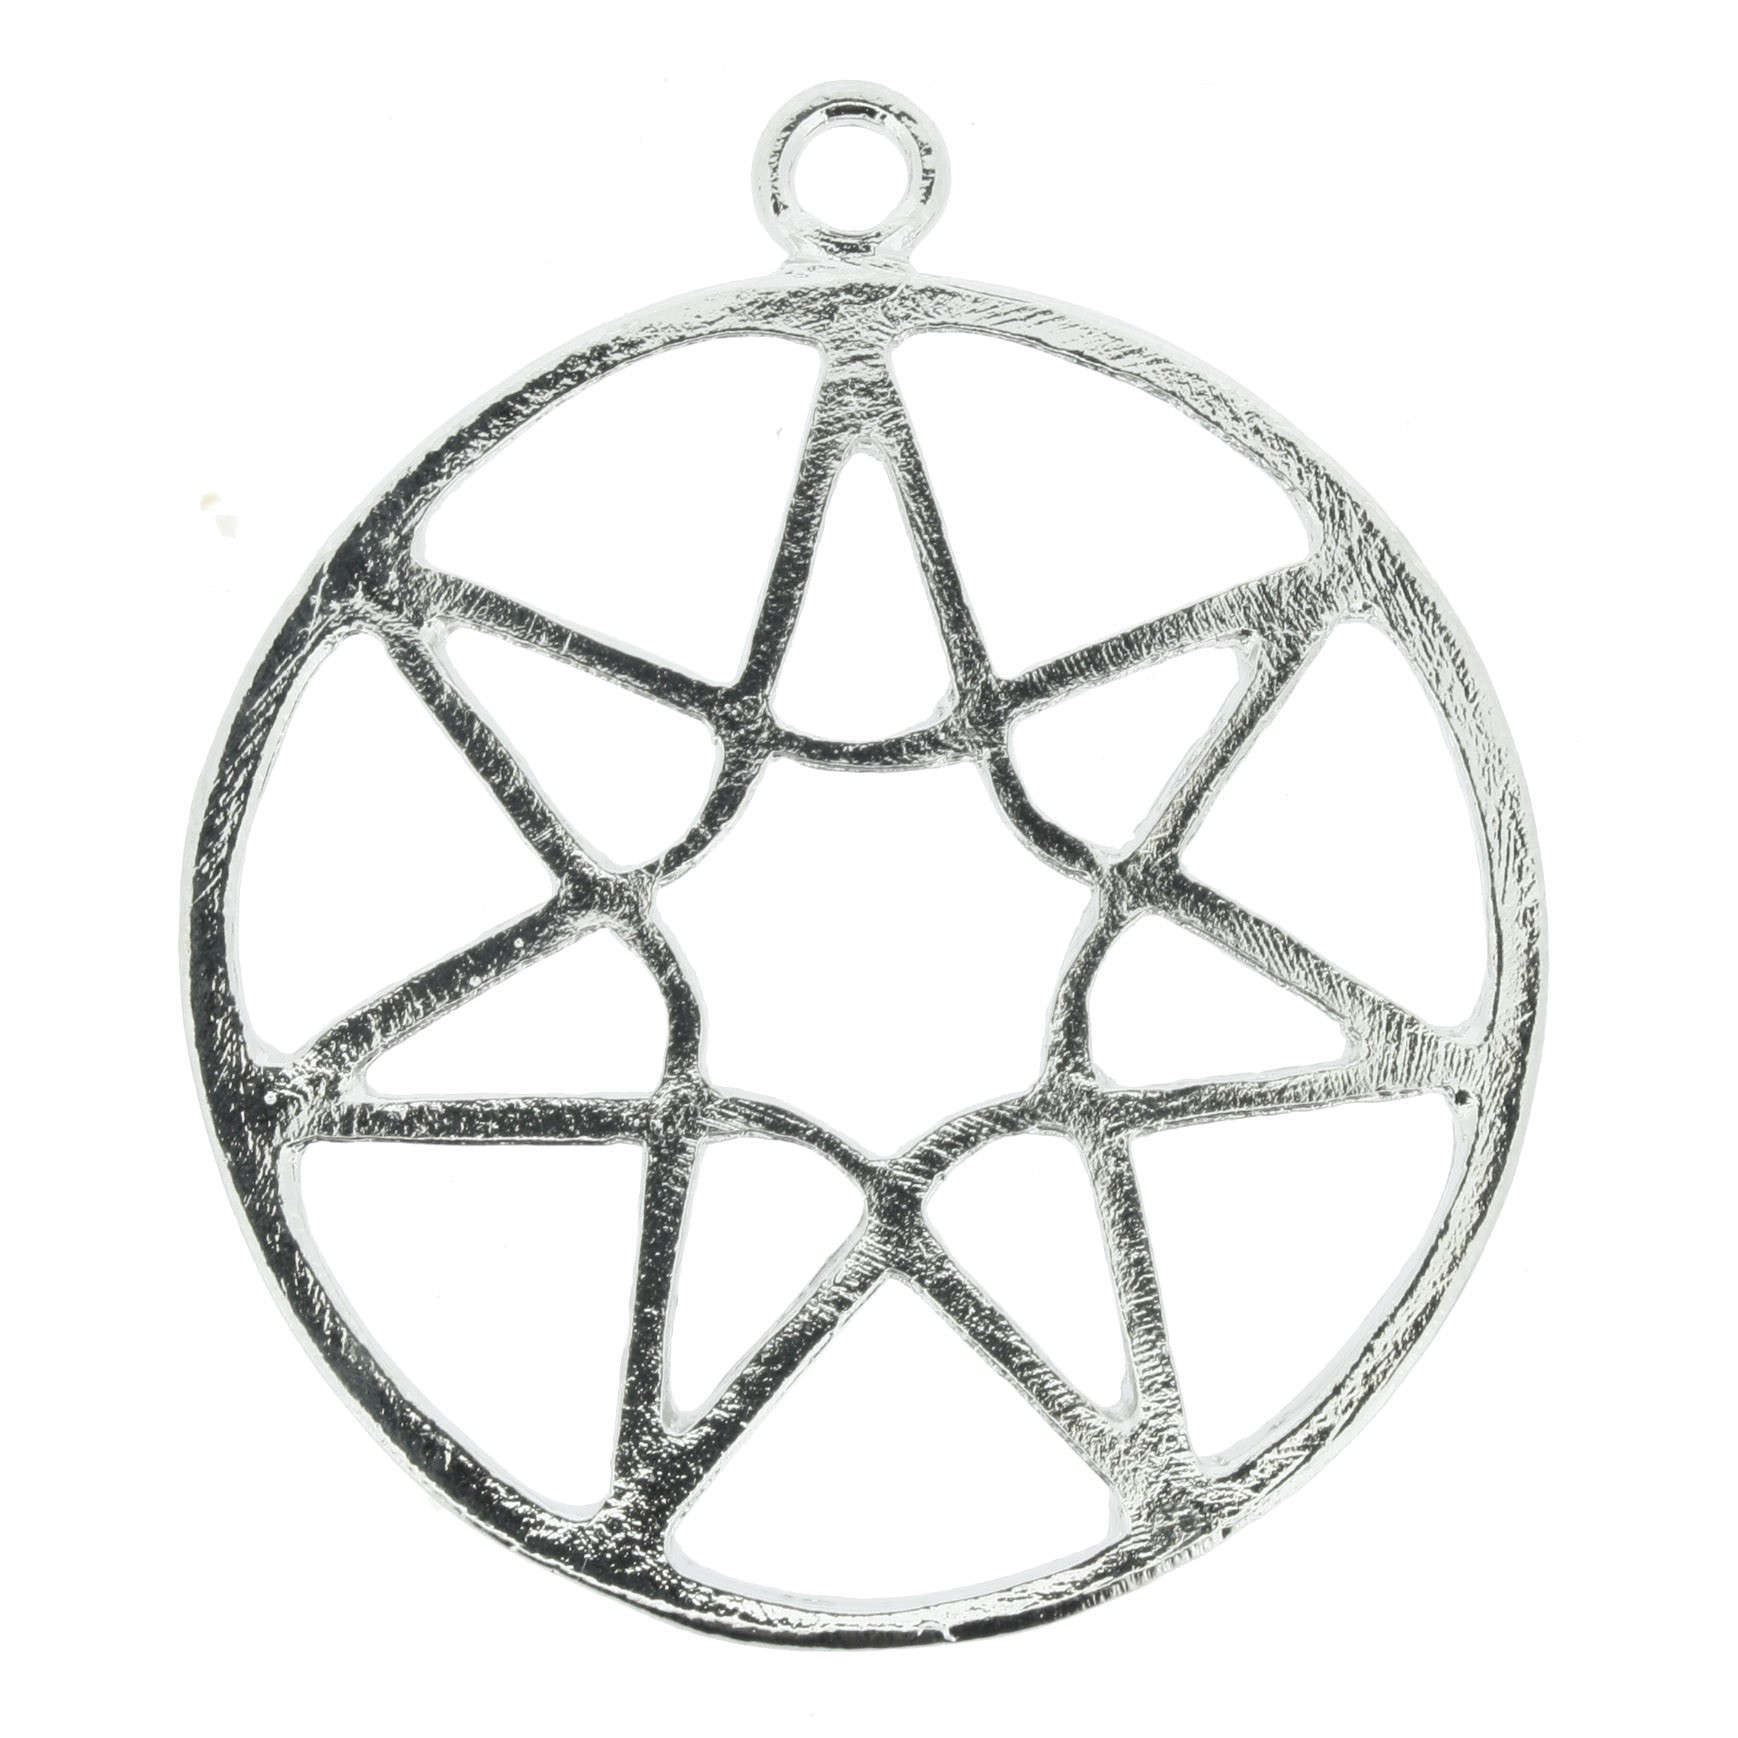 Estrela de 7 pontos - Níquel - 47mm  - Universo Religioso® - Artigos de Umbanda e Candomblé